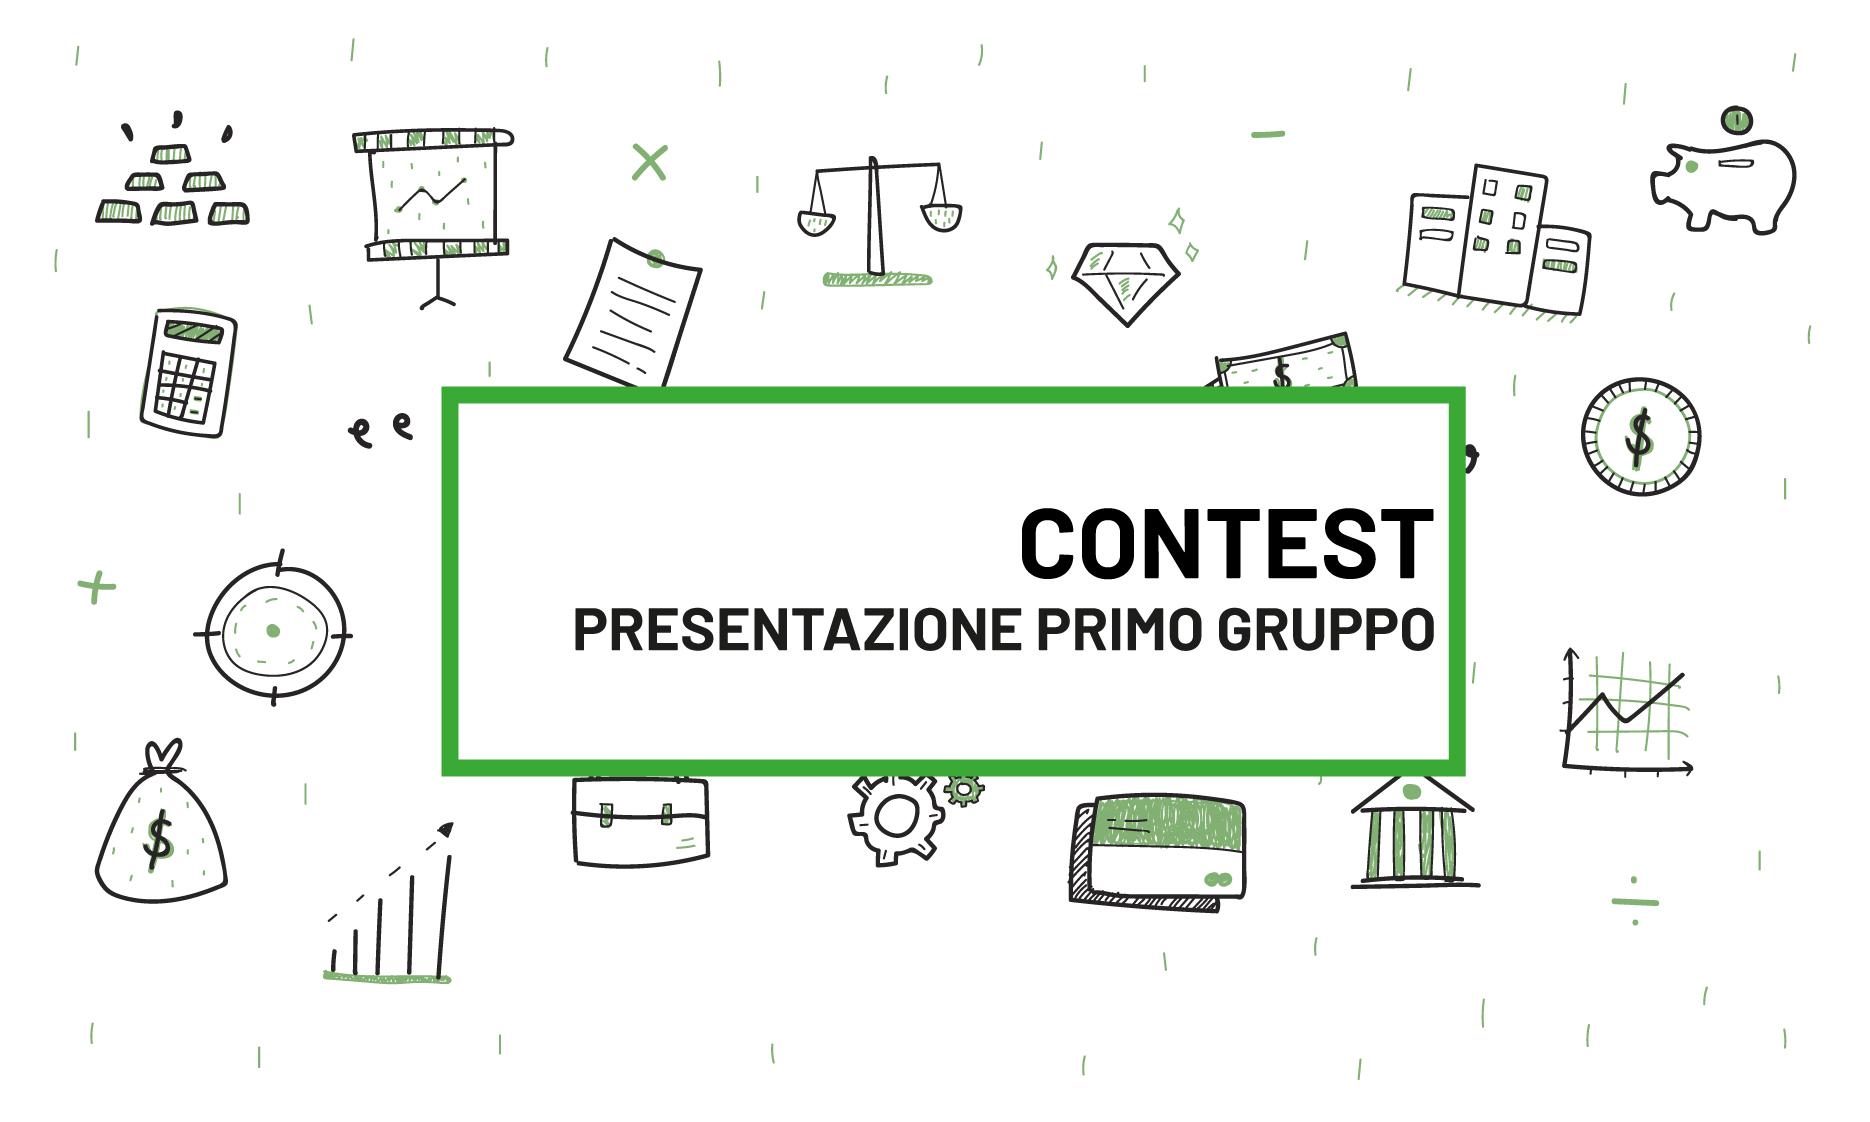 Presentazione del primo gruppo del contest R&D in ambito green